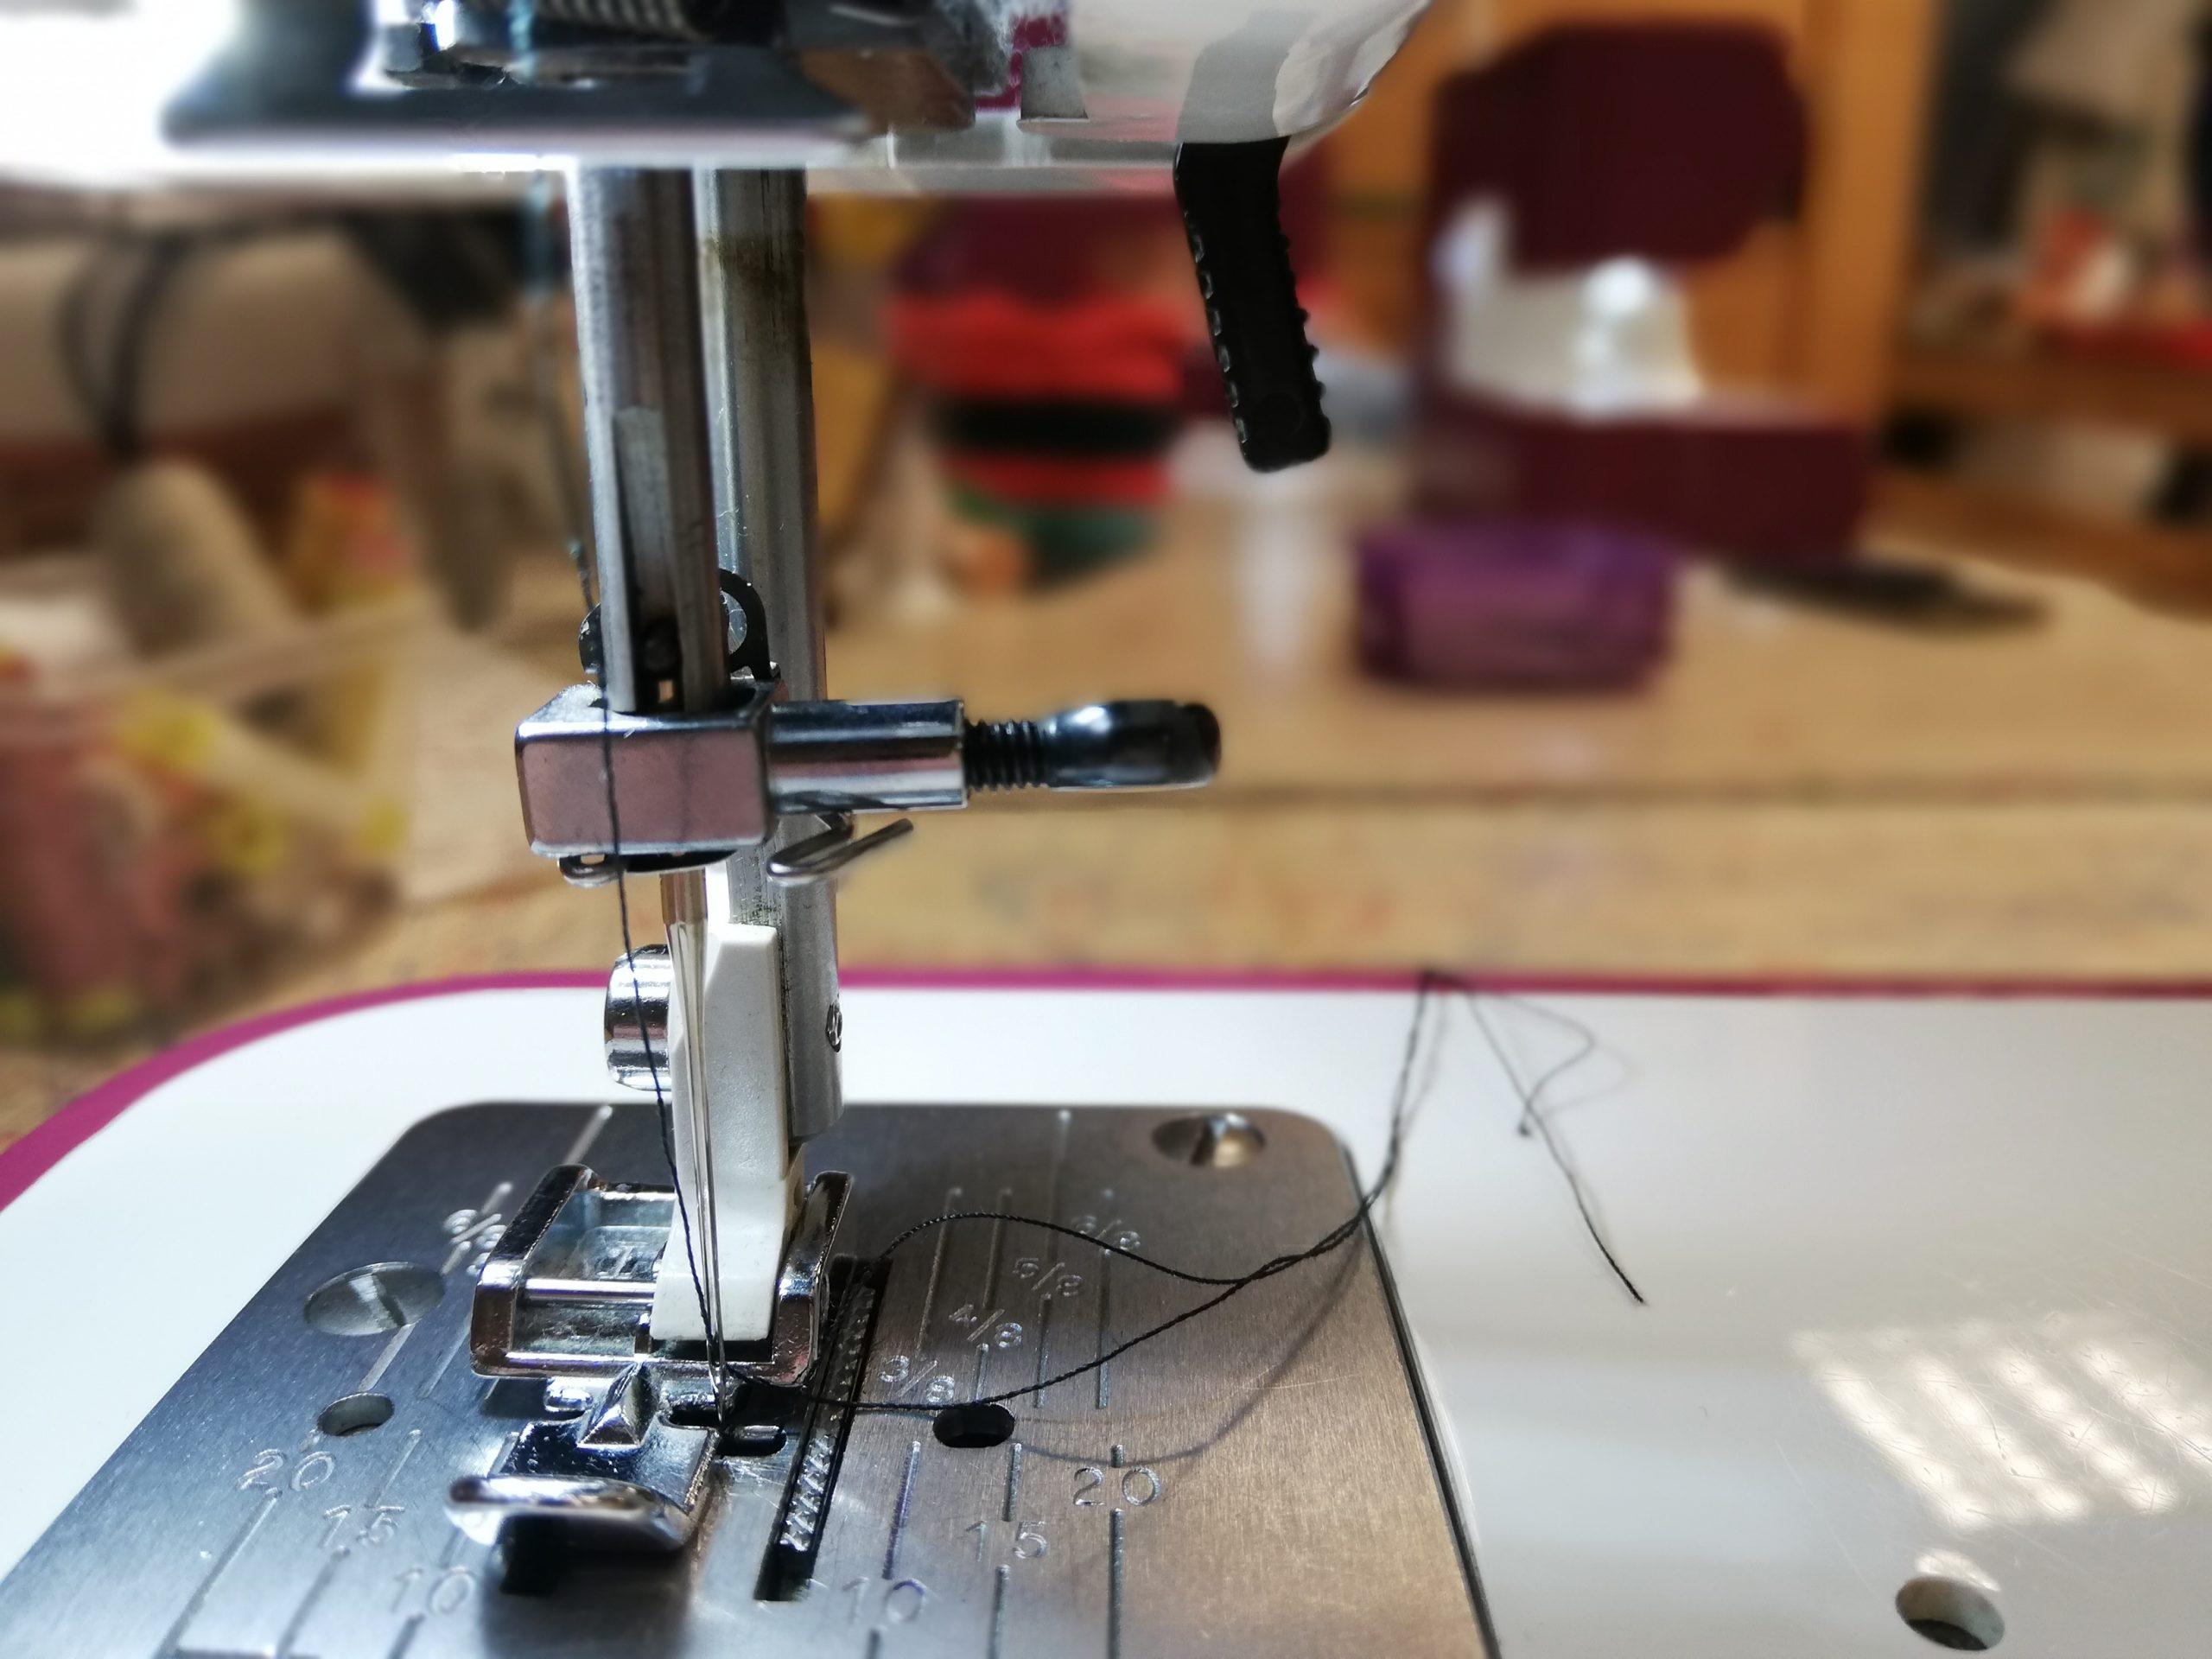 curso de iniciacion a la costura